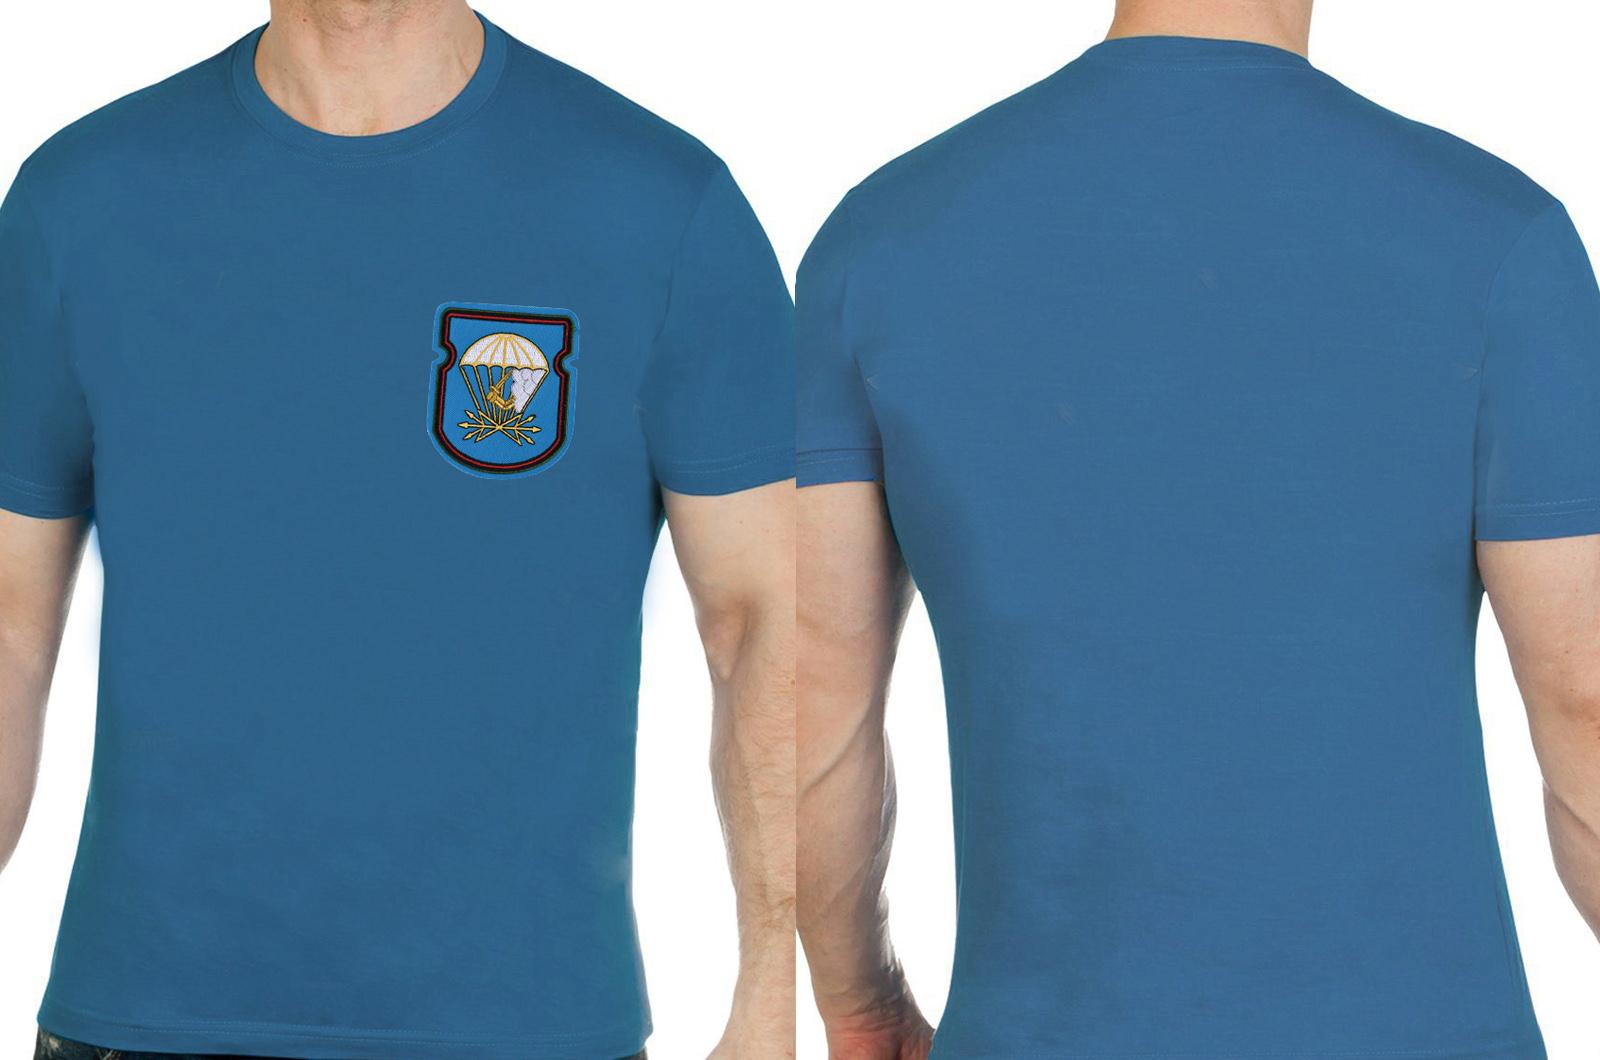 Оригинальная бирюзовая футболка с вышивкой ВДВ - купить в Военпро